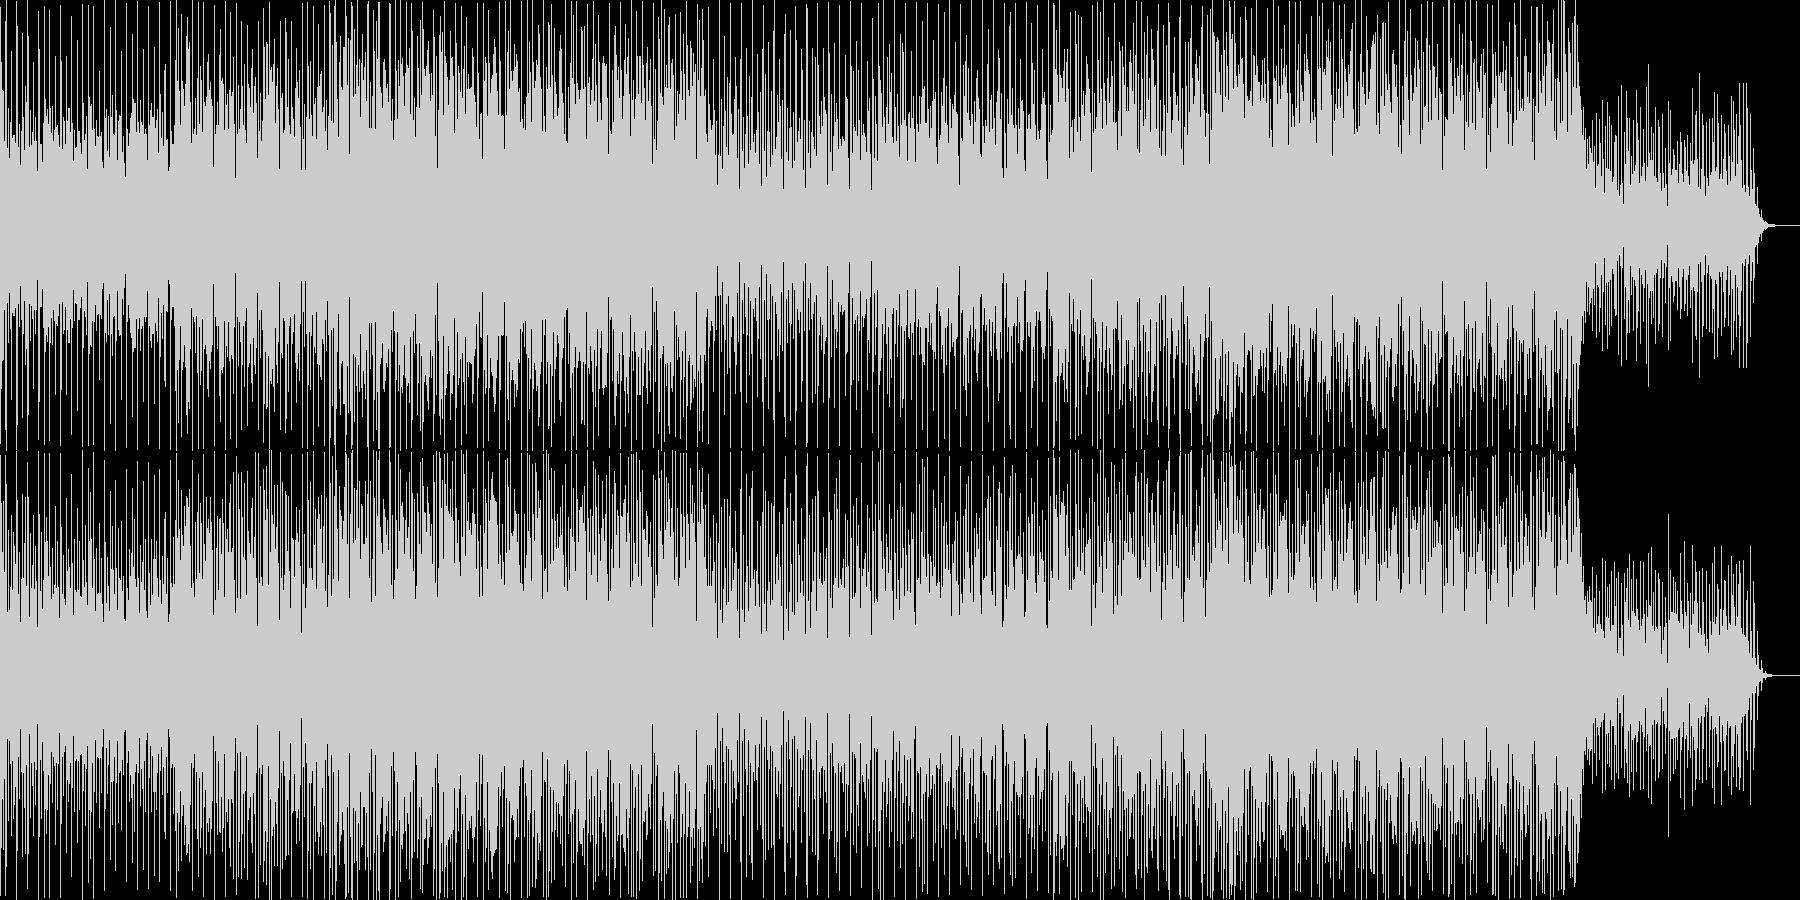 ニュース映像ナレーションバック向け-12の未再生の波形